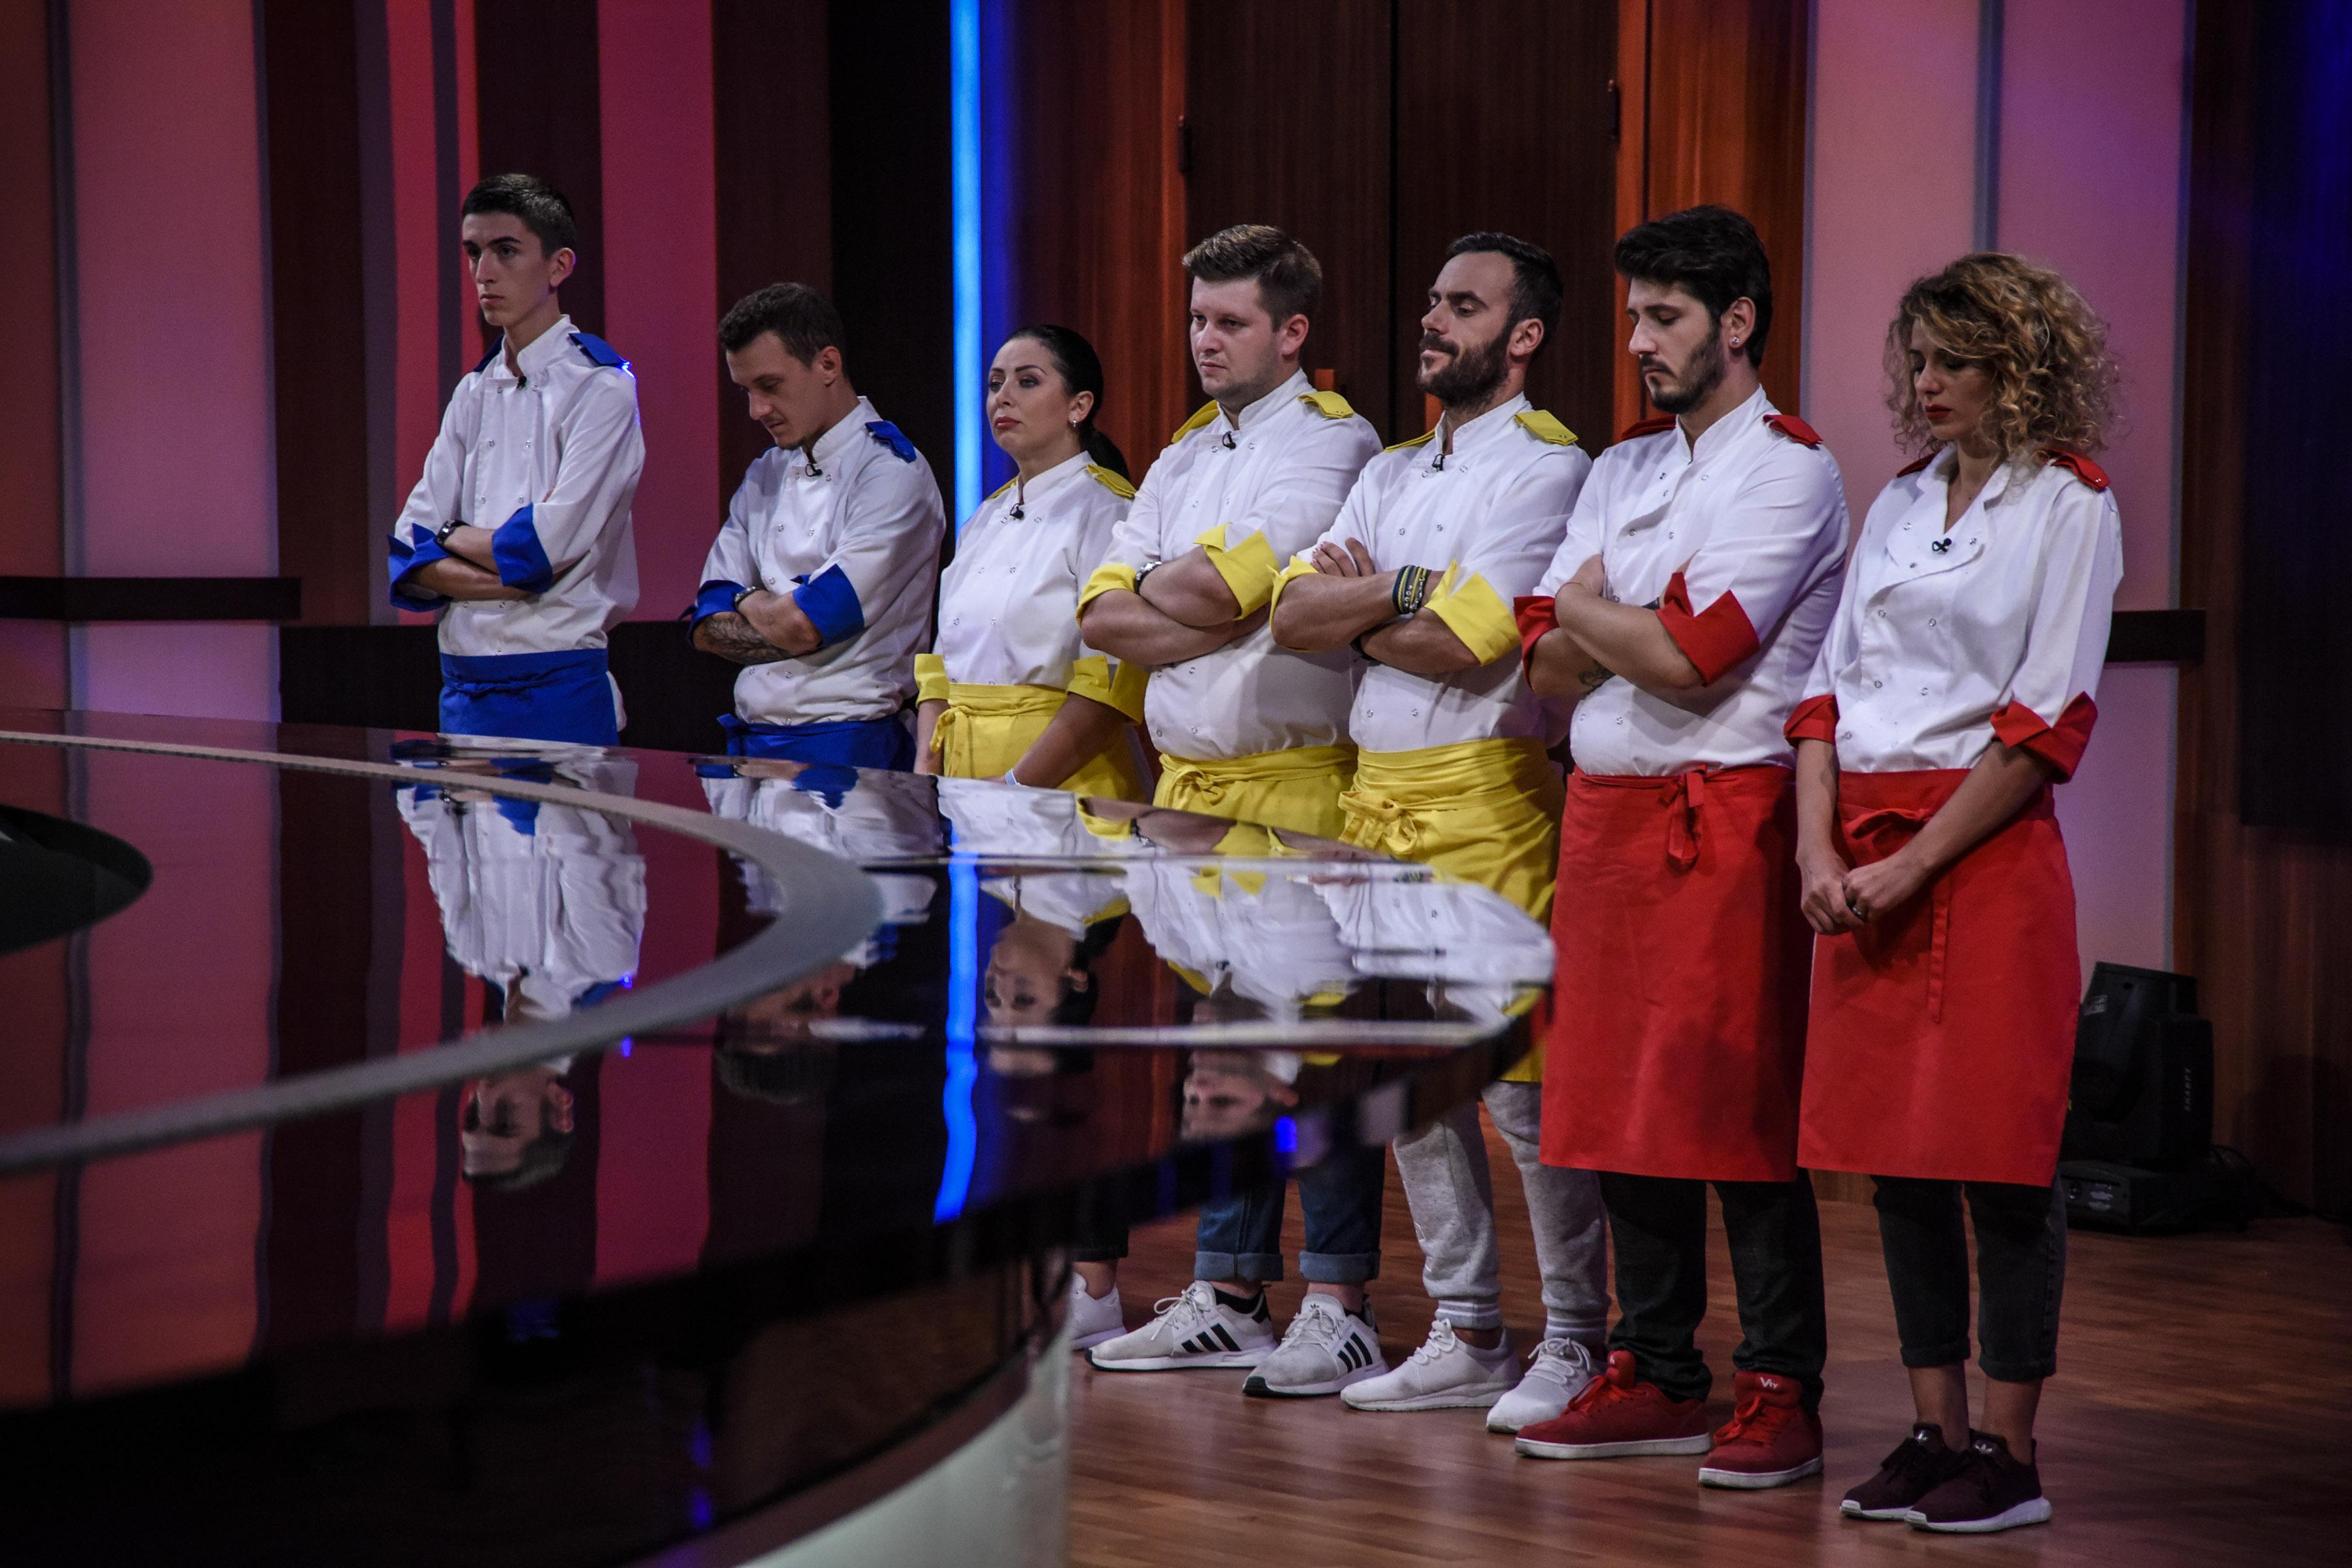 """S-a DECIS! Un concurent a părăsit competiția! Aceștia sunt bucătarii care merg în semifinala """"Chefi la cuțite""""!"""